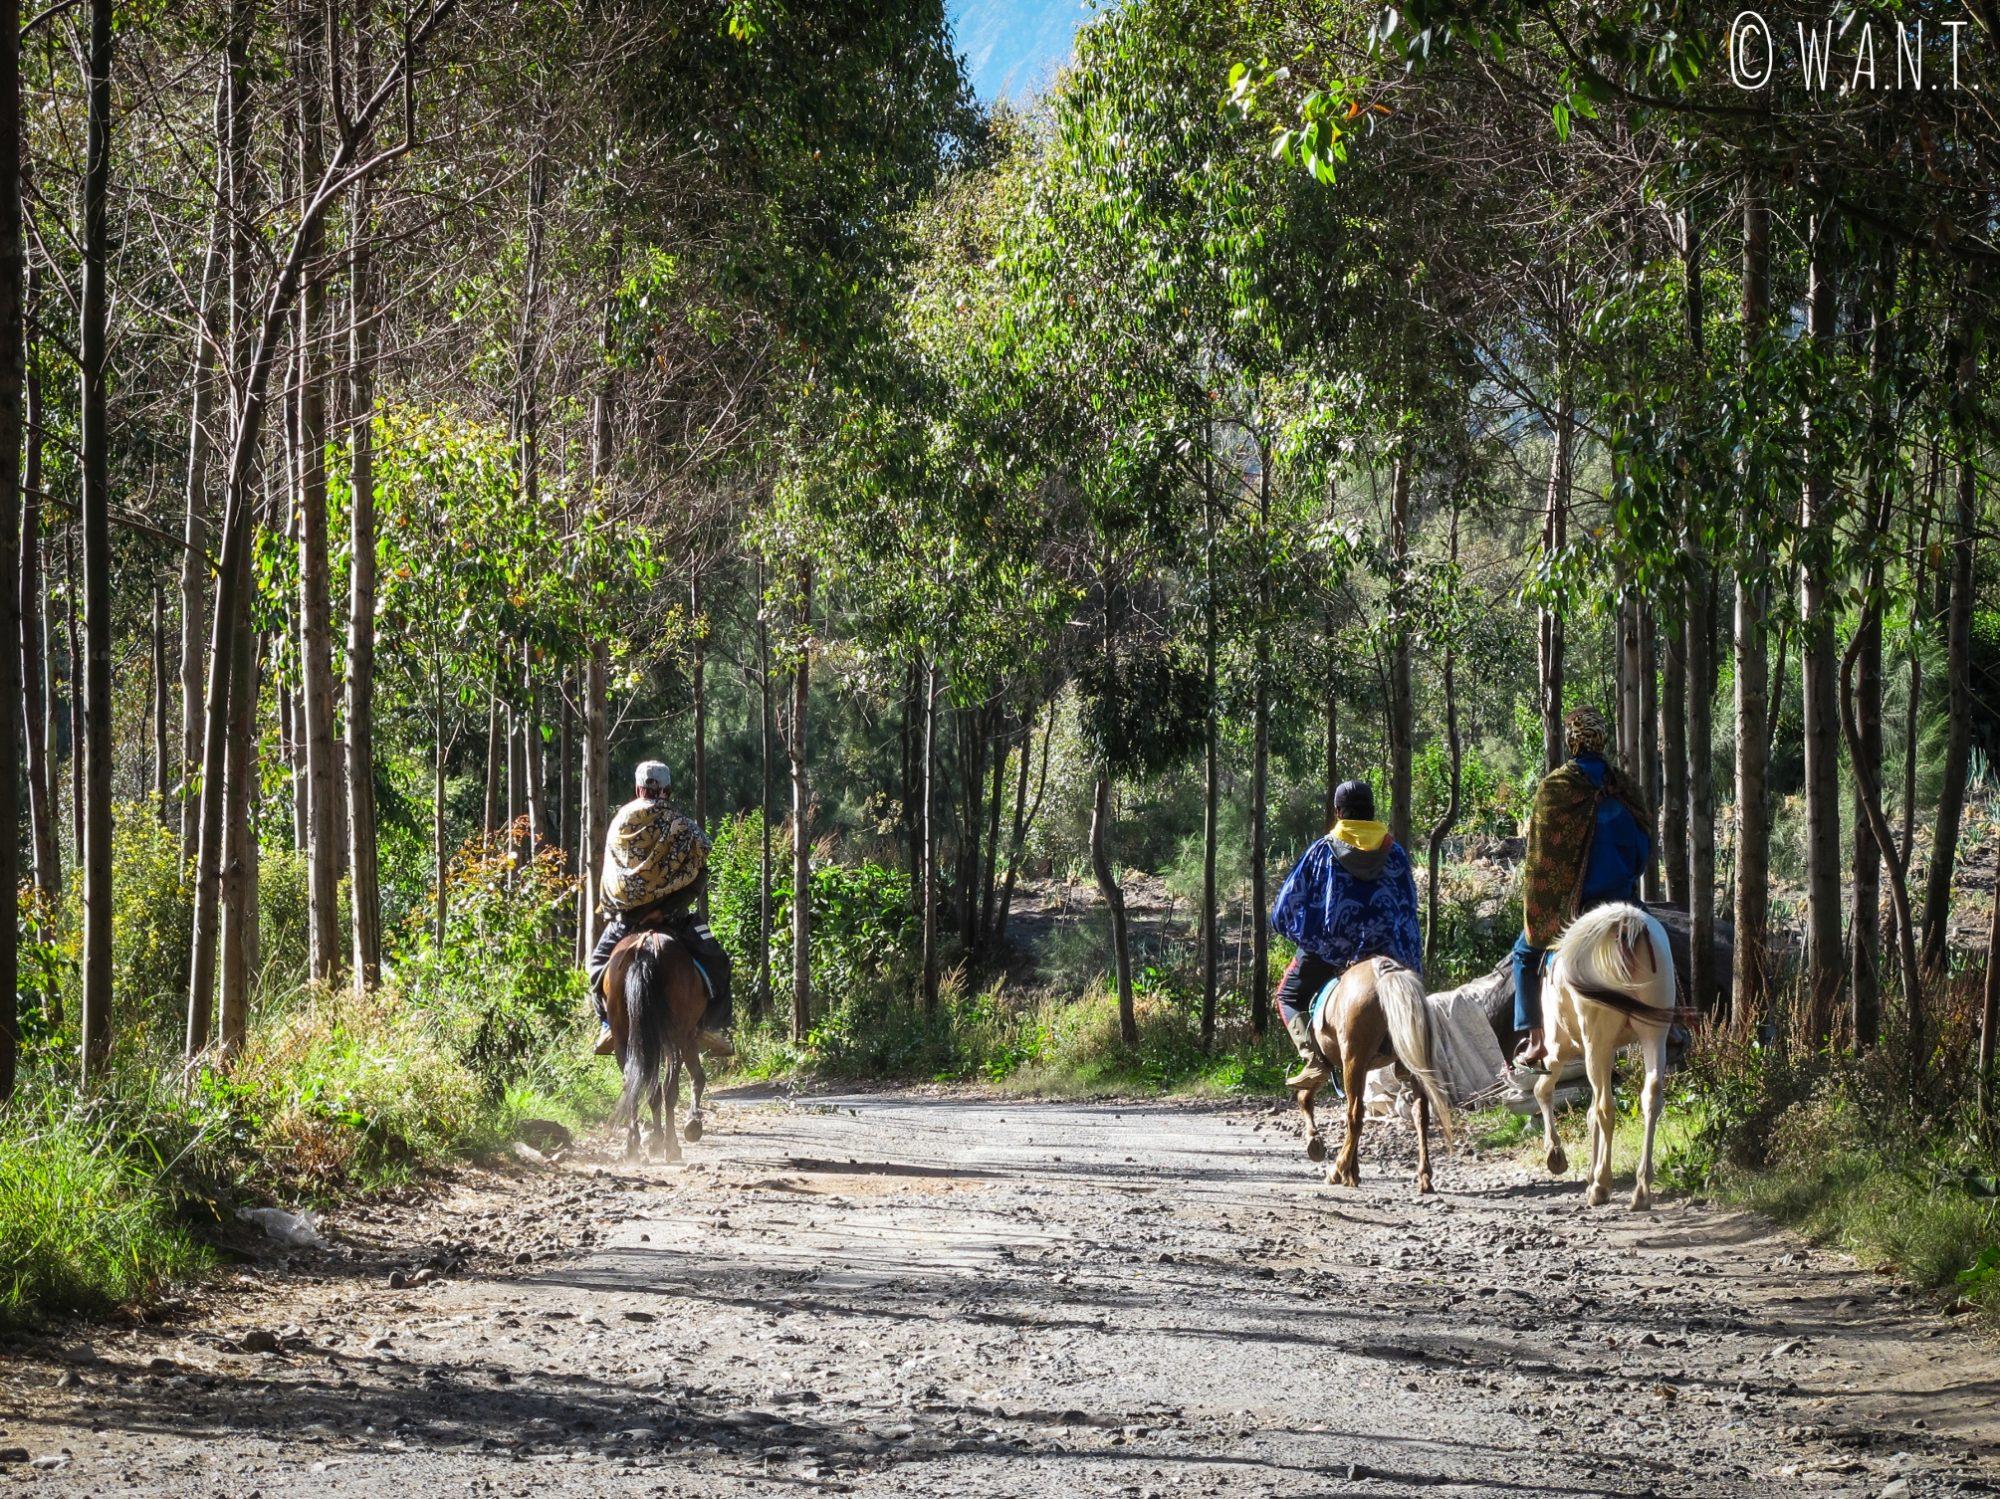 Les visiteurs peuvent monter à cheval pour se rendre au point de vue de Seruni à Cemoro Lawang